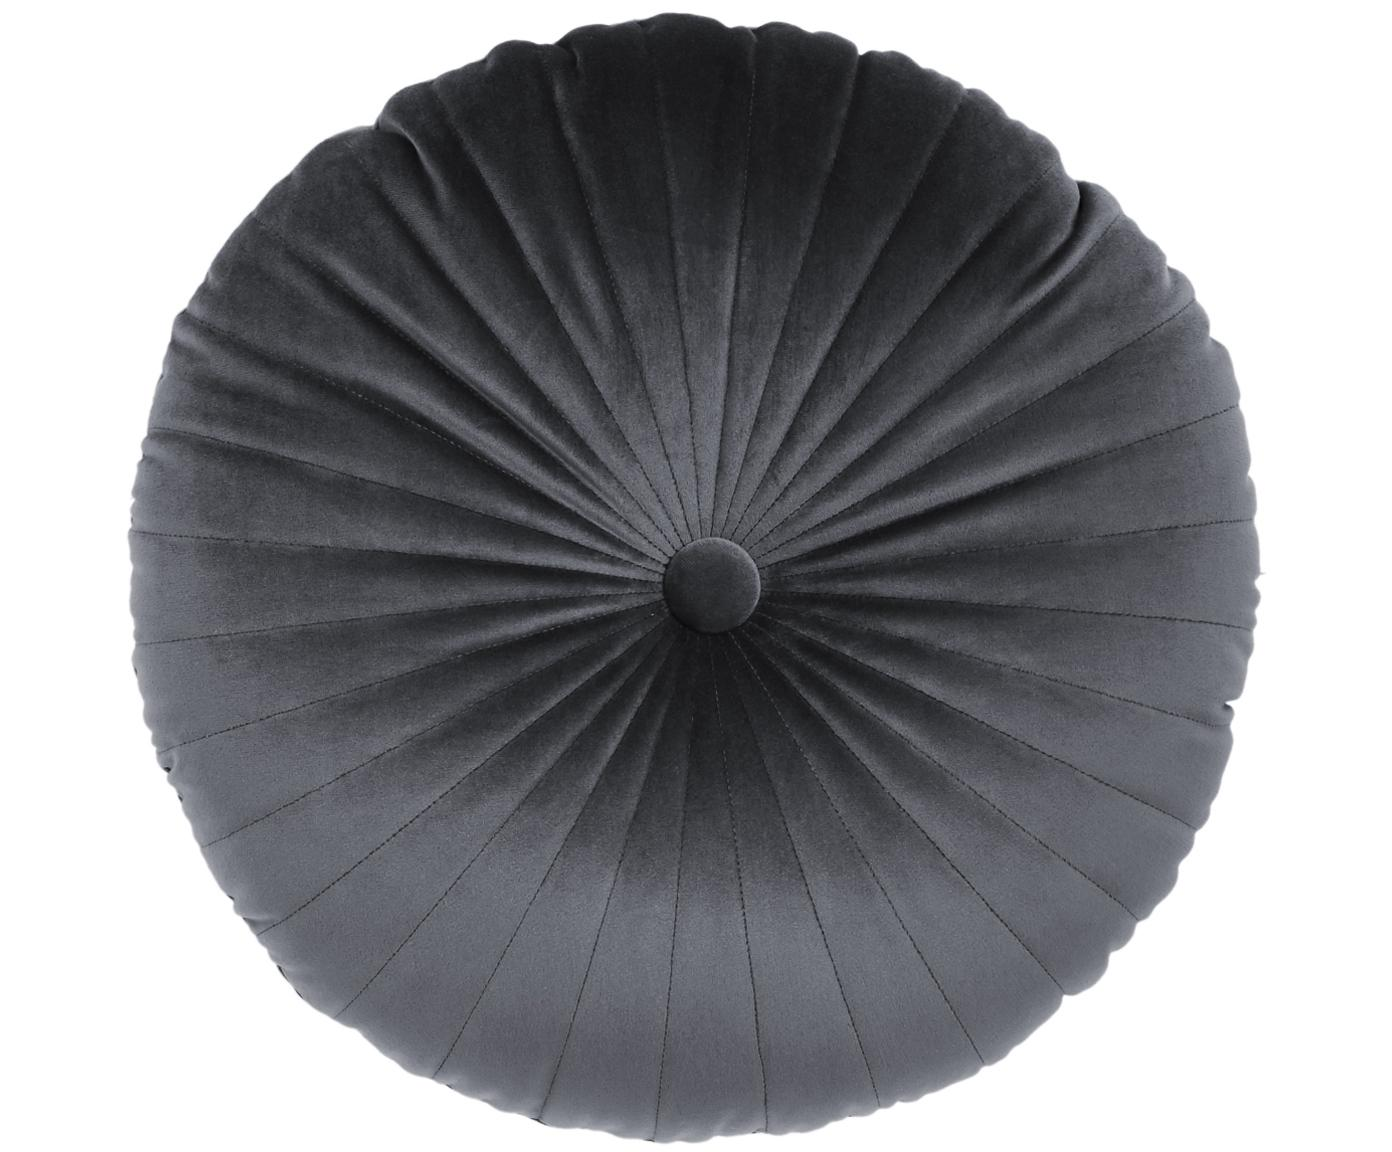 Cojín redondo de terciopelo brillante Monet, con relleno, Tapizado: 100%terciopelo de poliés, Gris oscuro, Ø 40 cm